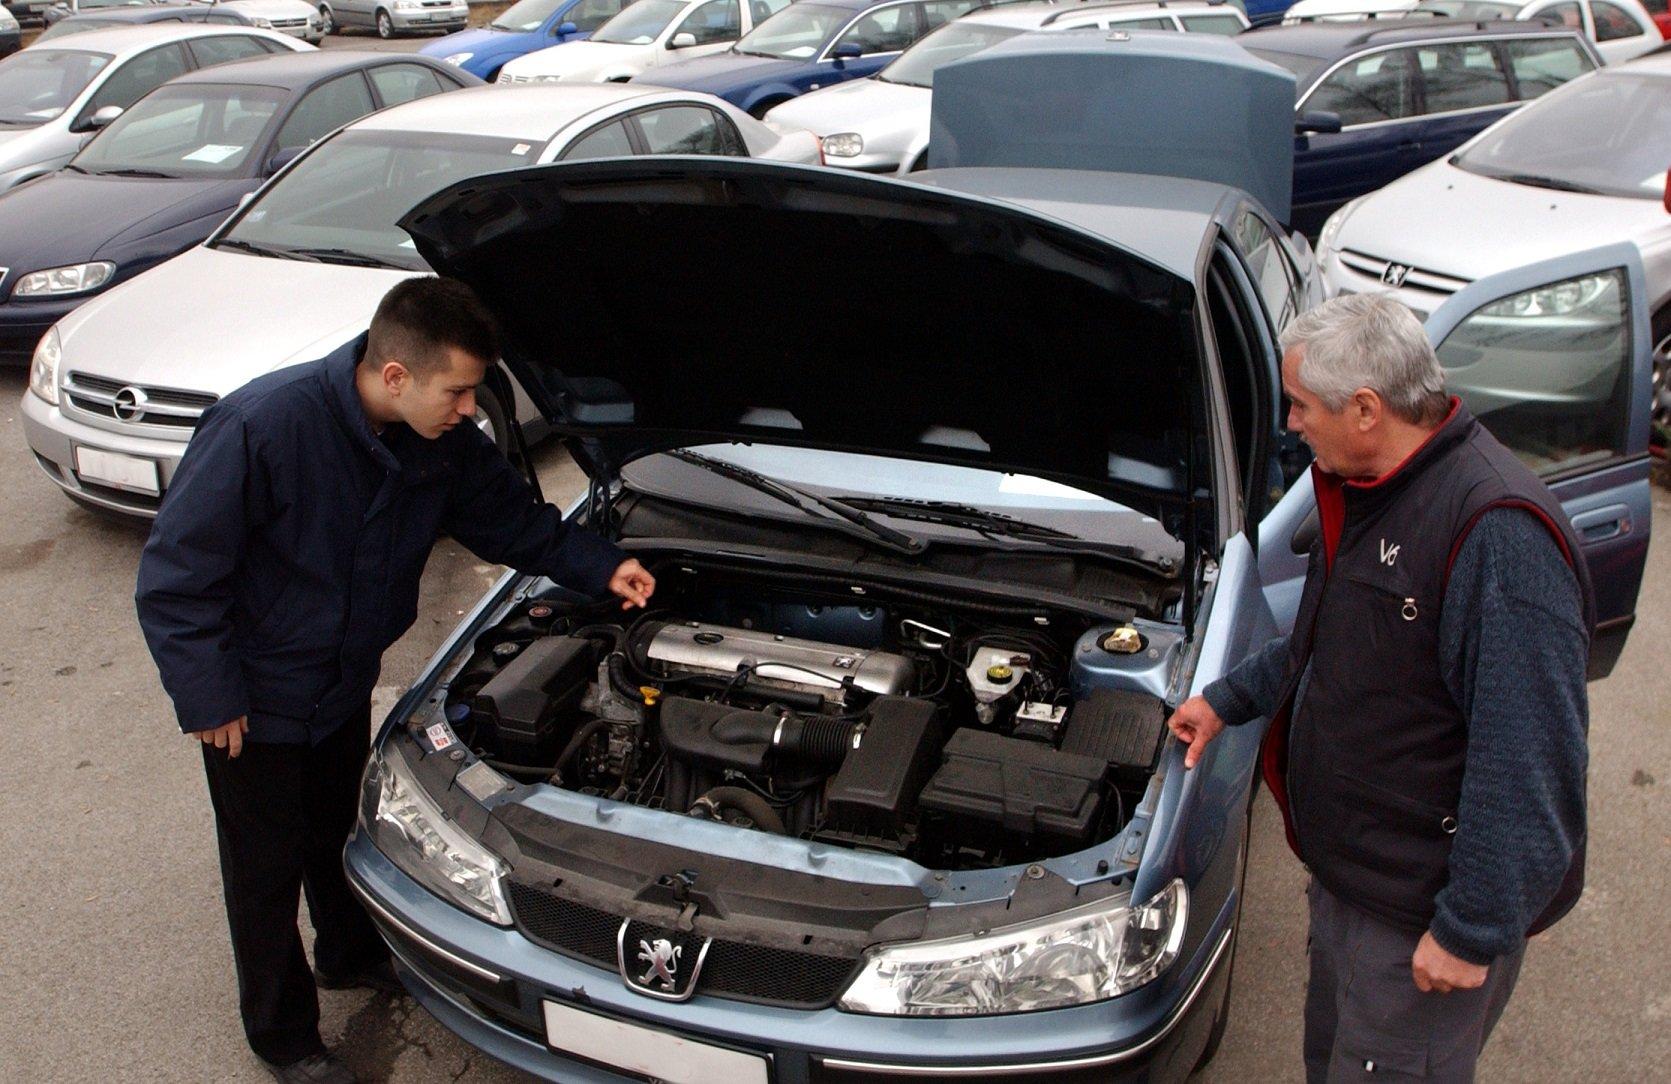 dois fomens verificam carro usado com capo aberto